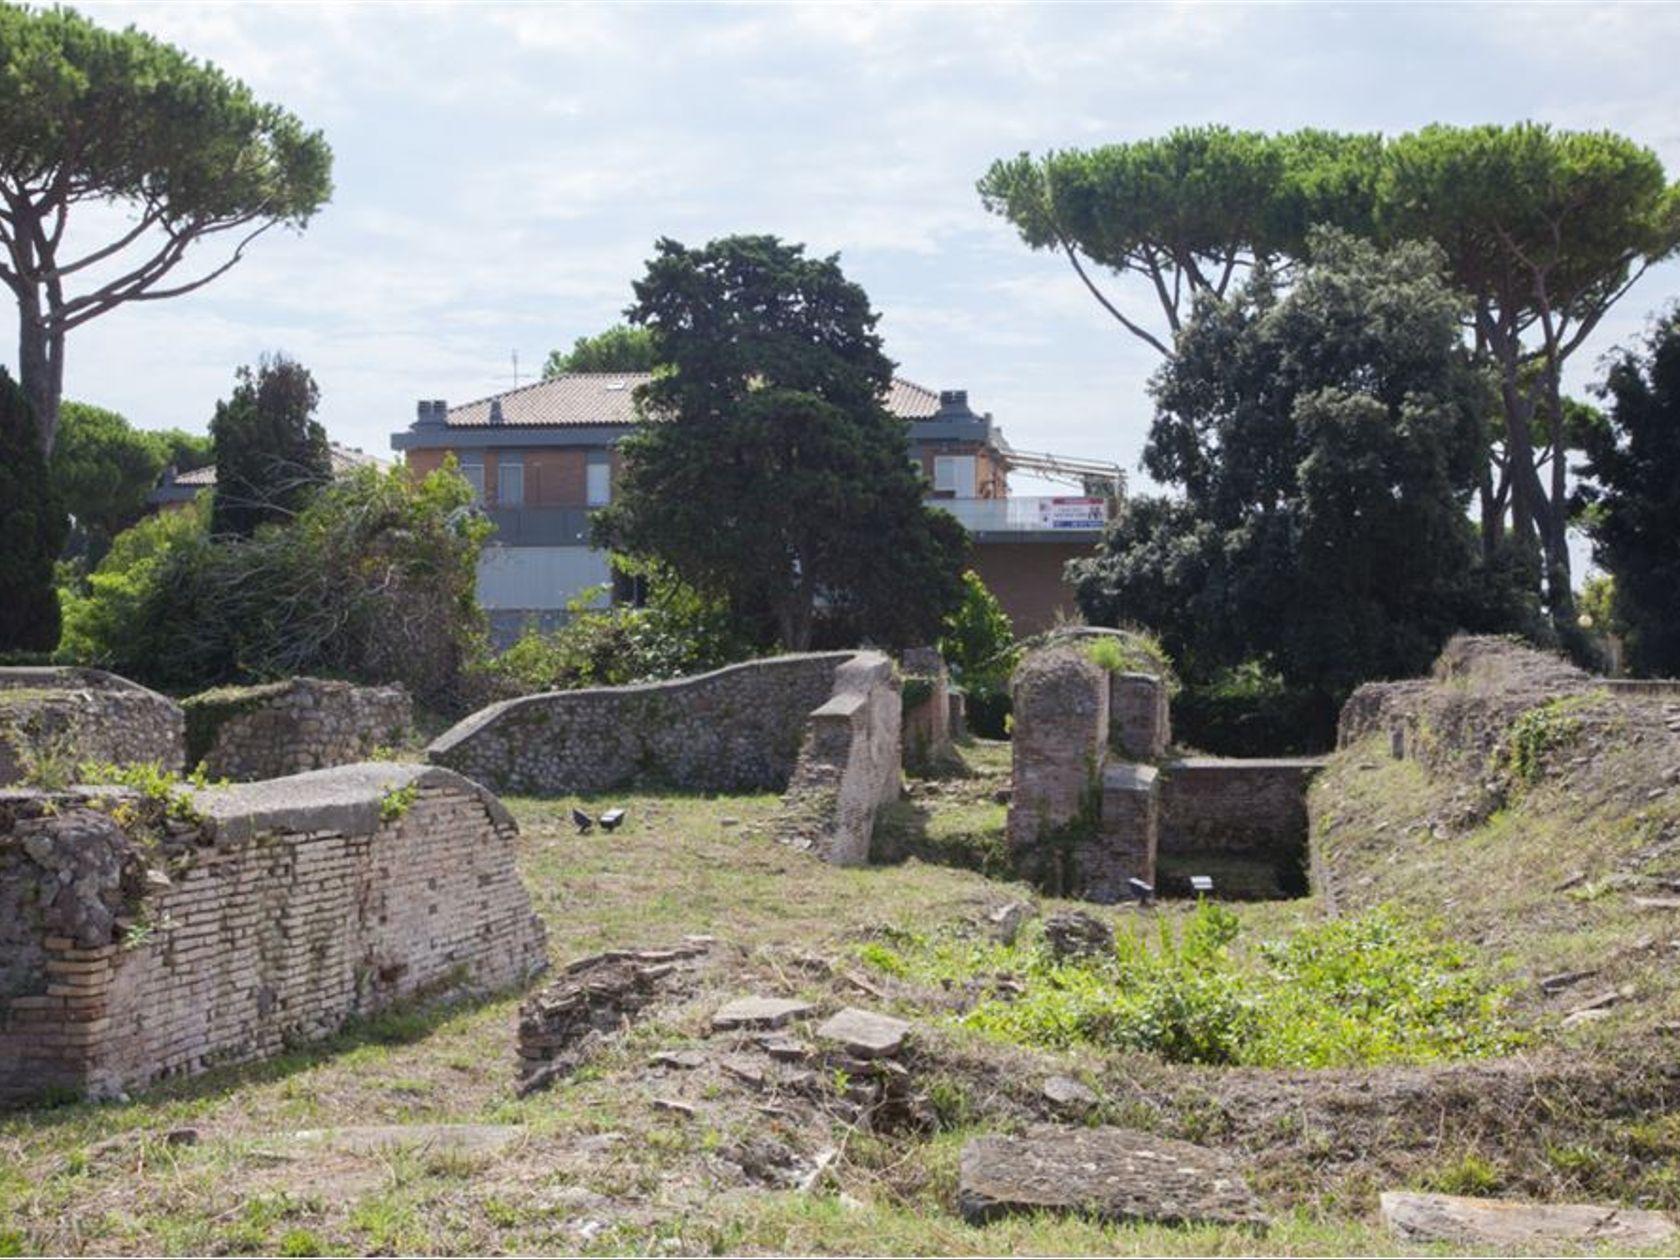 Attico/Mansarda Anzio-santa Teresa, Anzio, RM Vendita - Foto 36